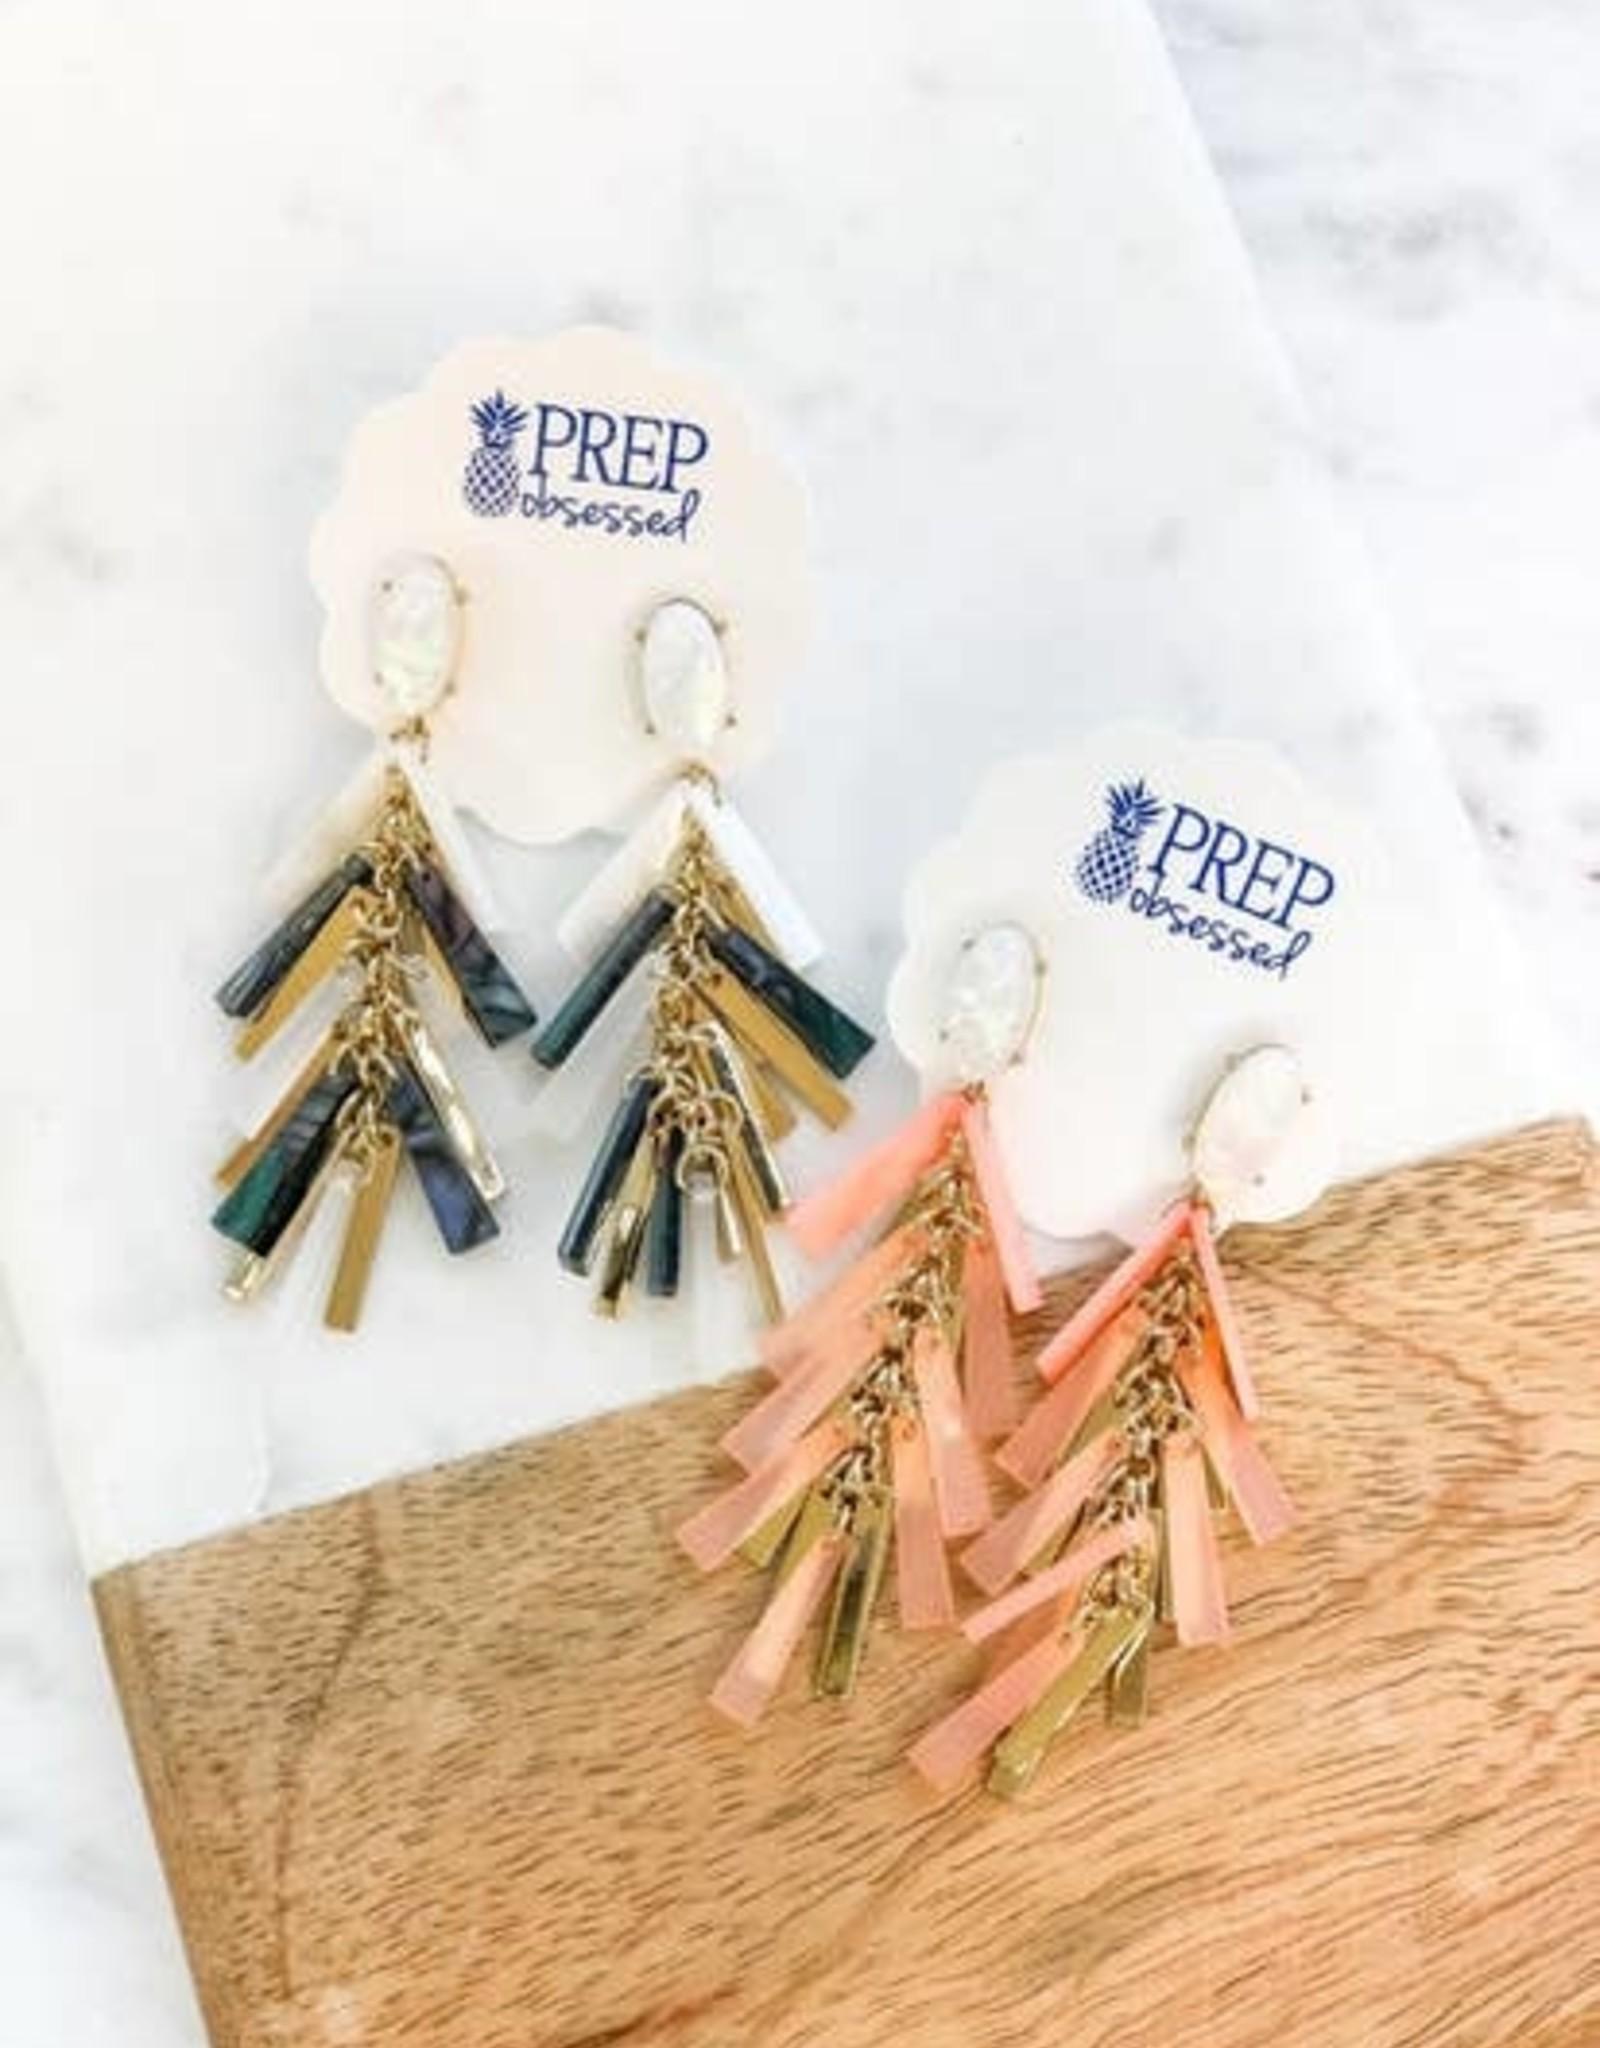 Wink Acrylic Tassel Statement Earrings - Abalone